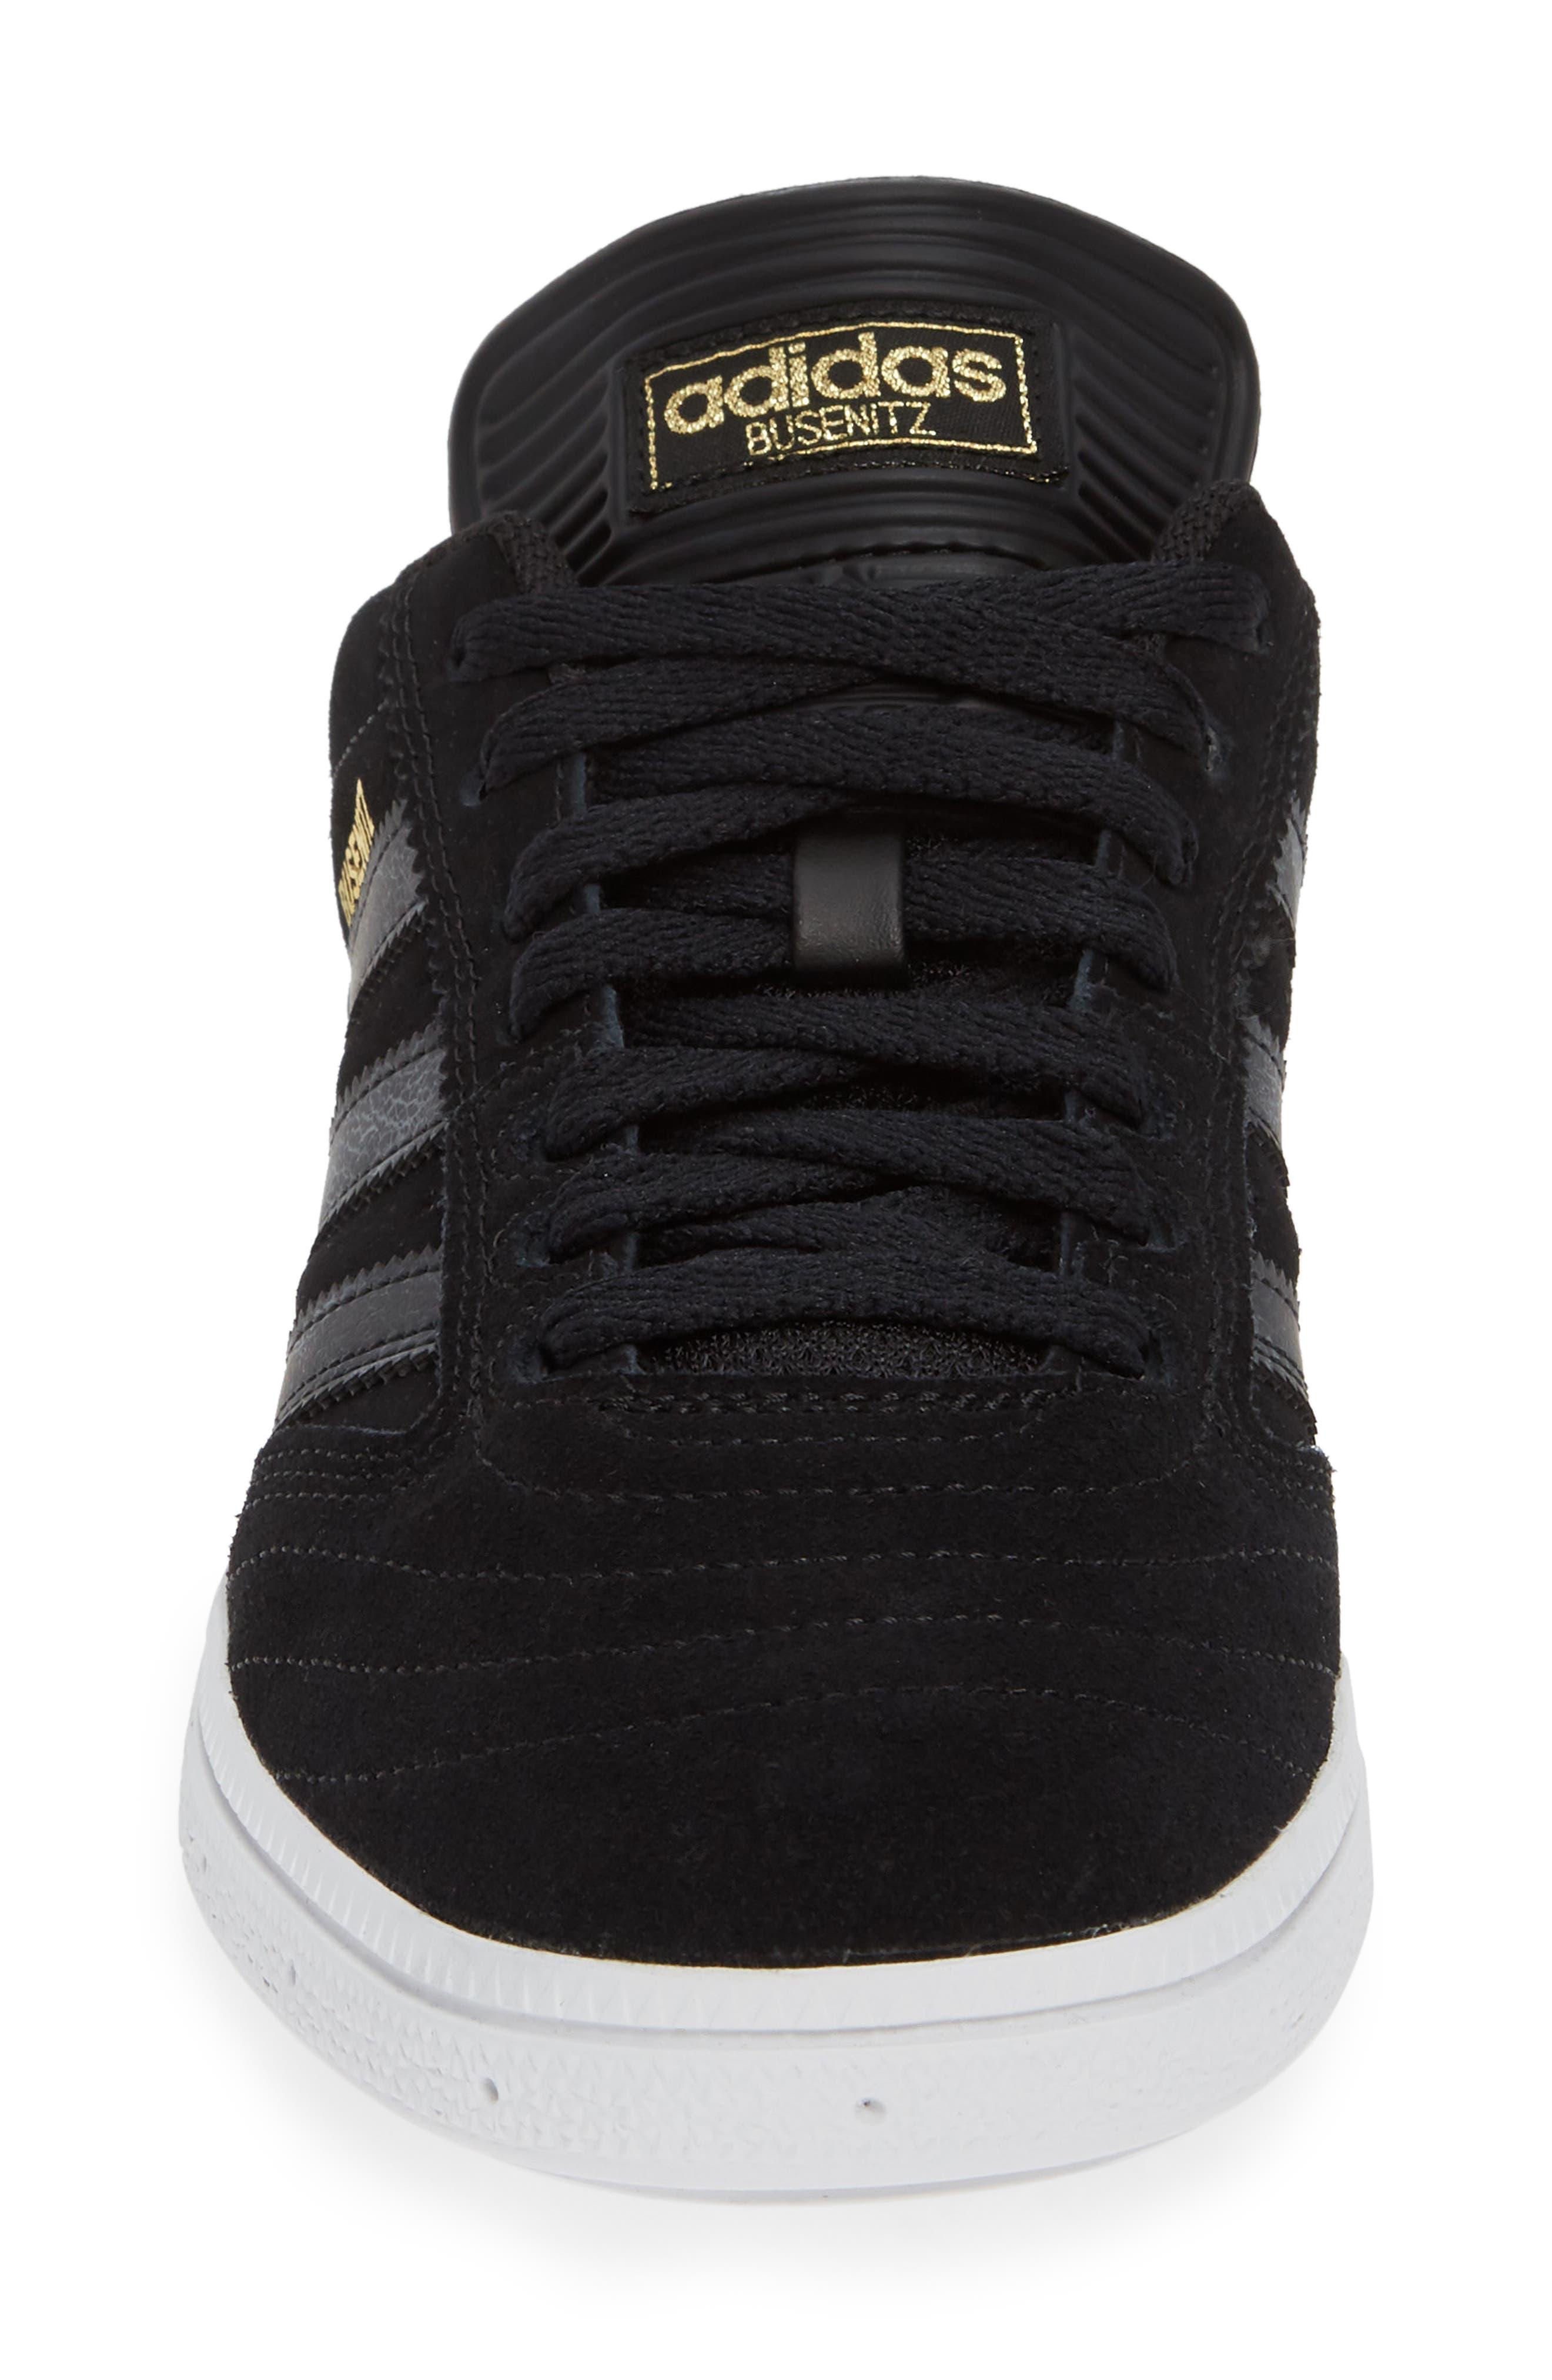 Busenitz Sneaker,                             Alternate thumbnail 4, color,                             BLACK/ BLACK/ WHITE